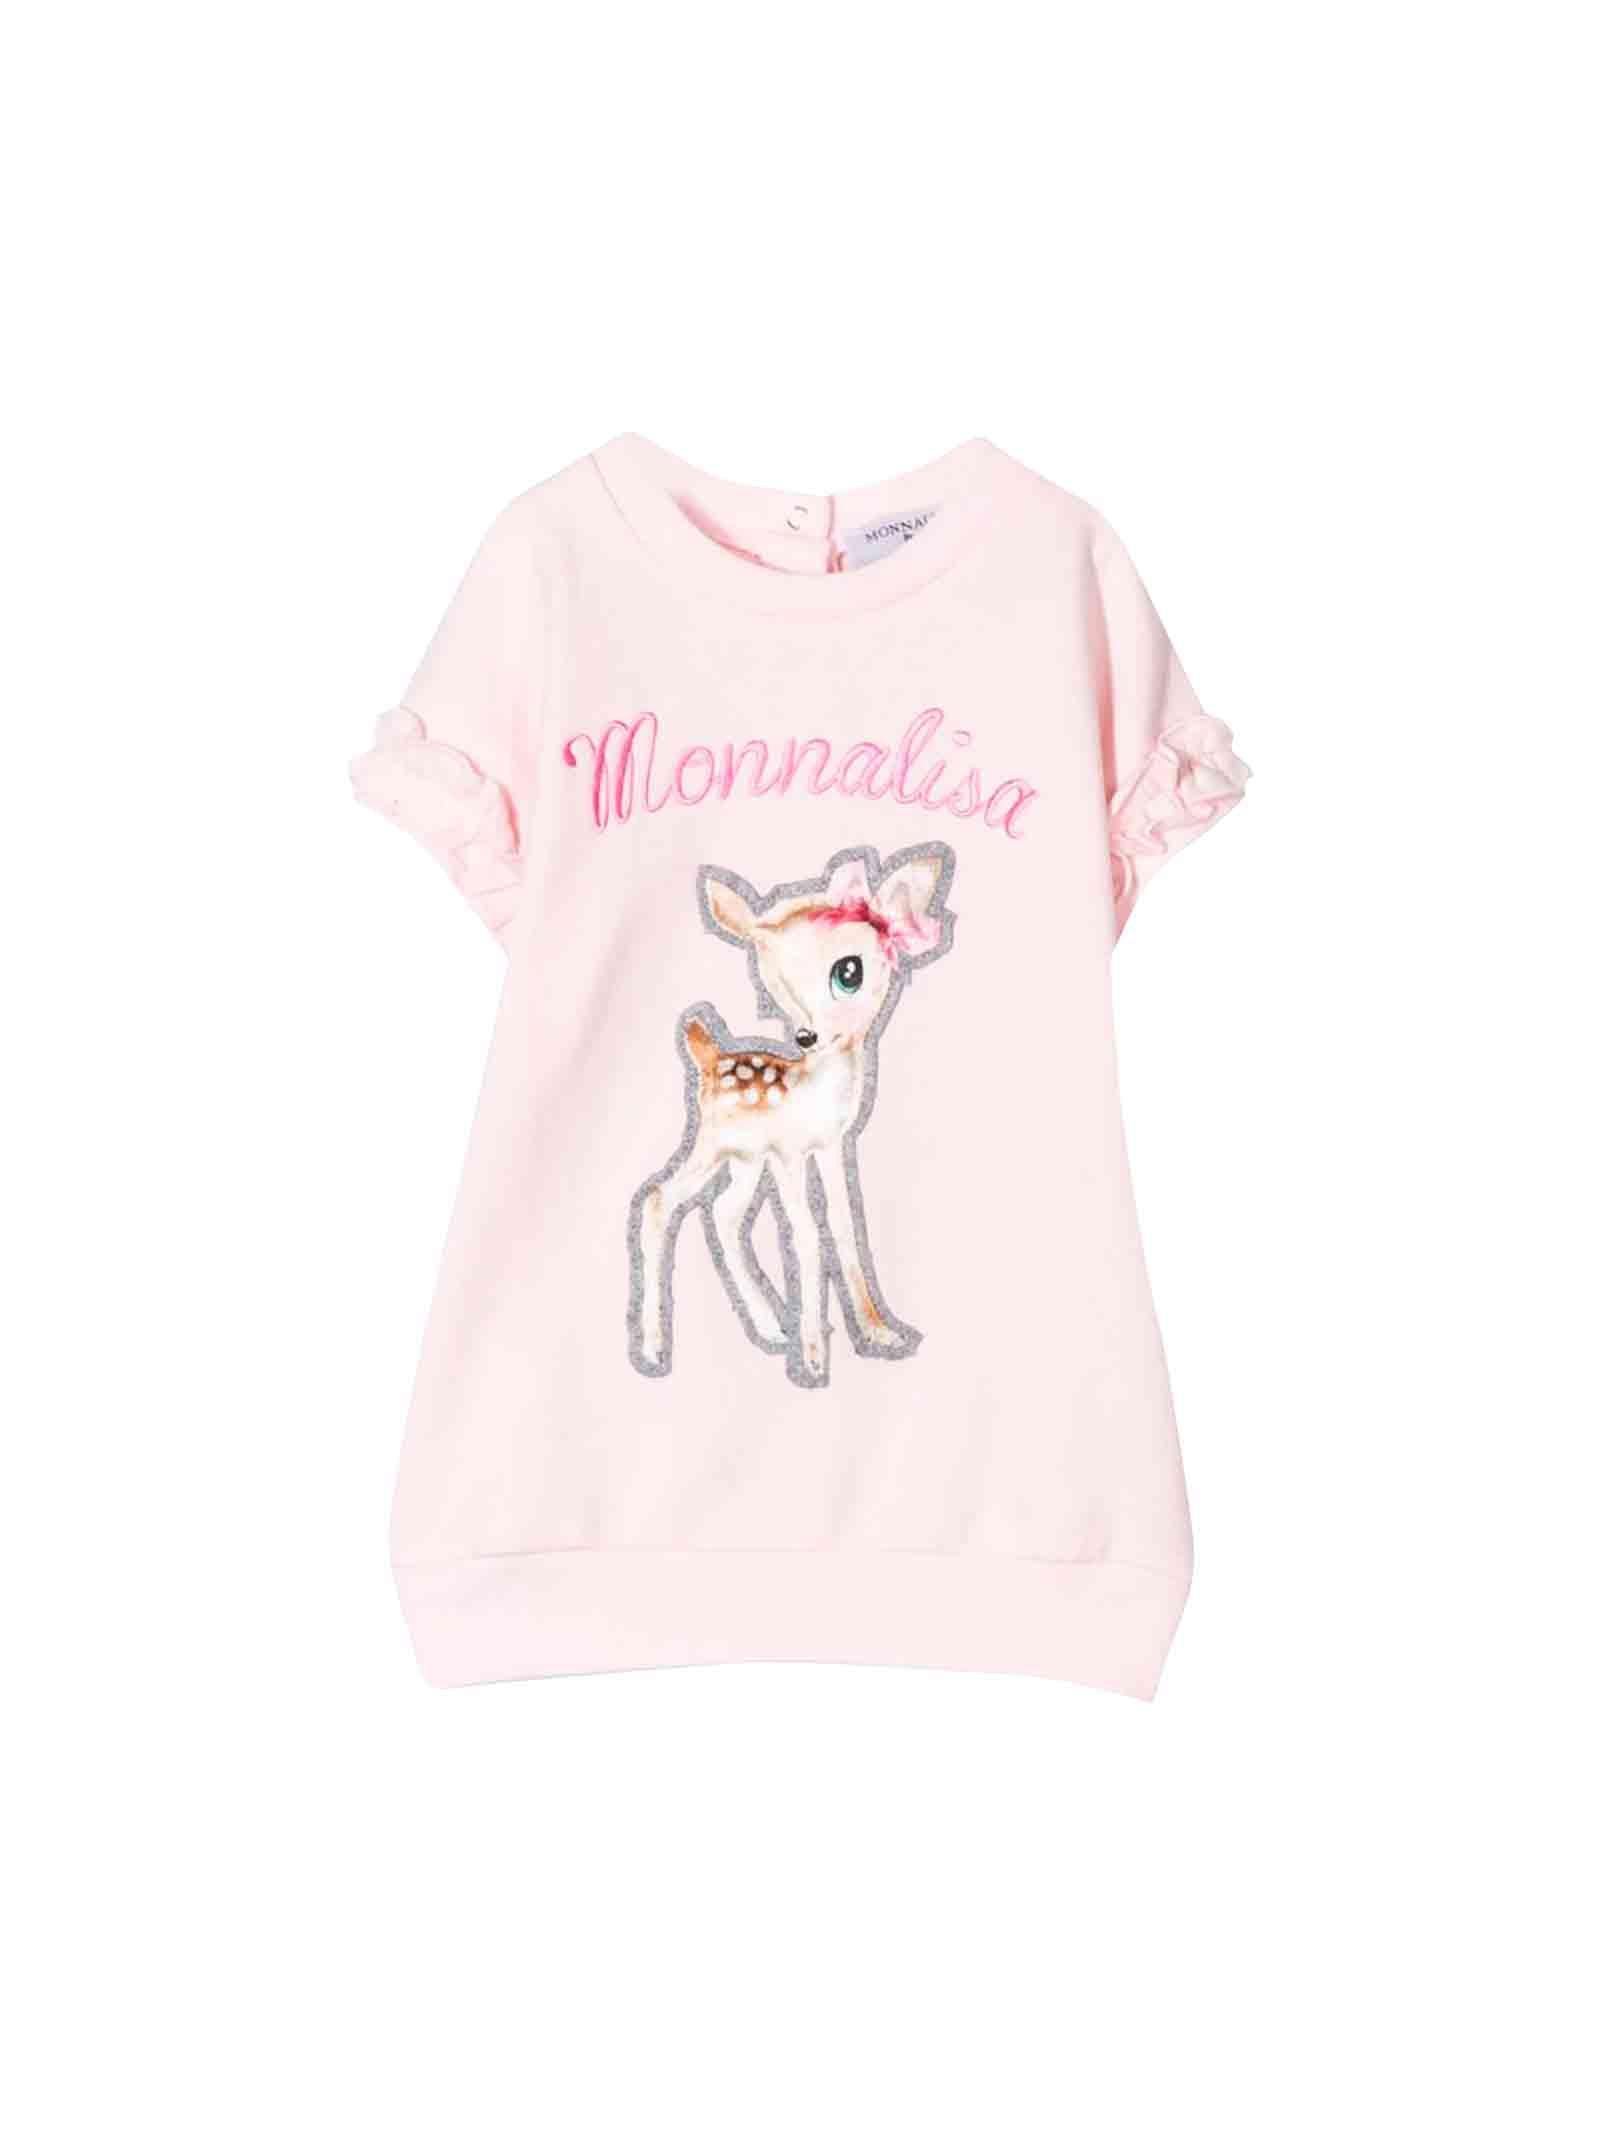 Monnalisa Pink Knit Dress